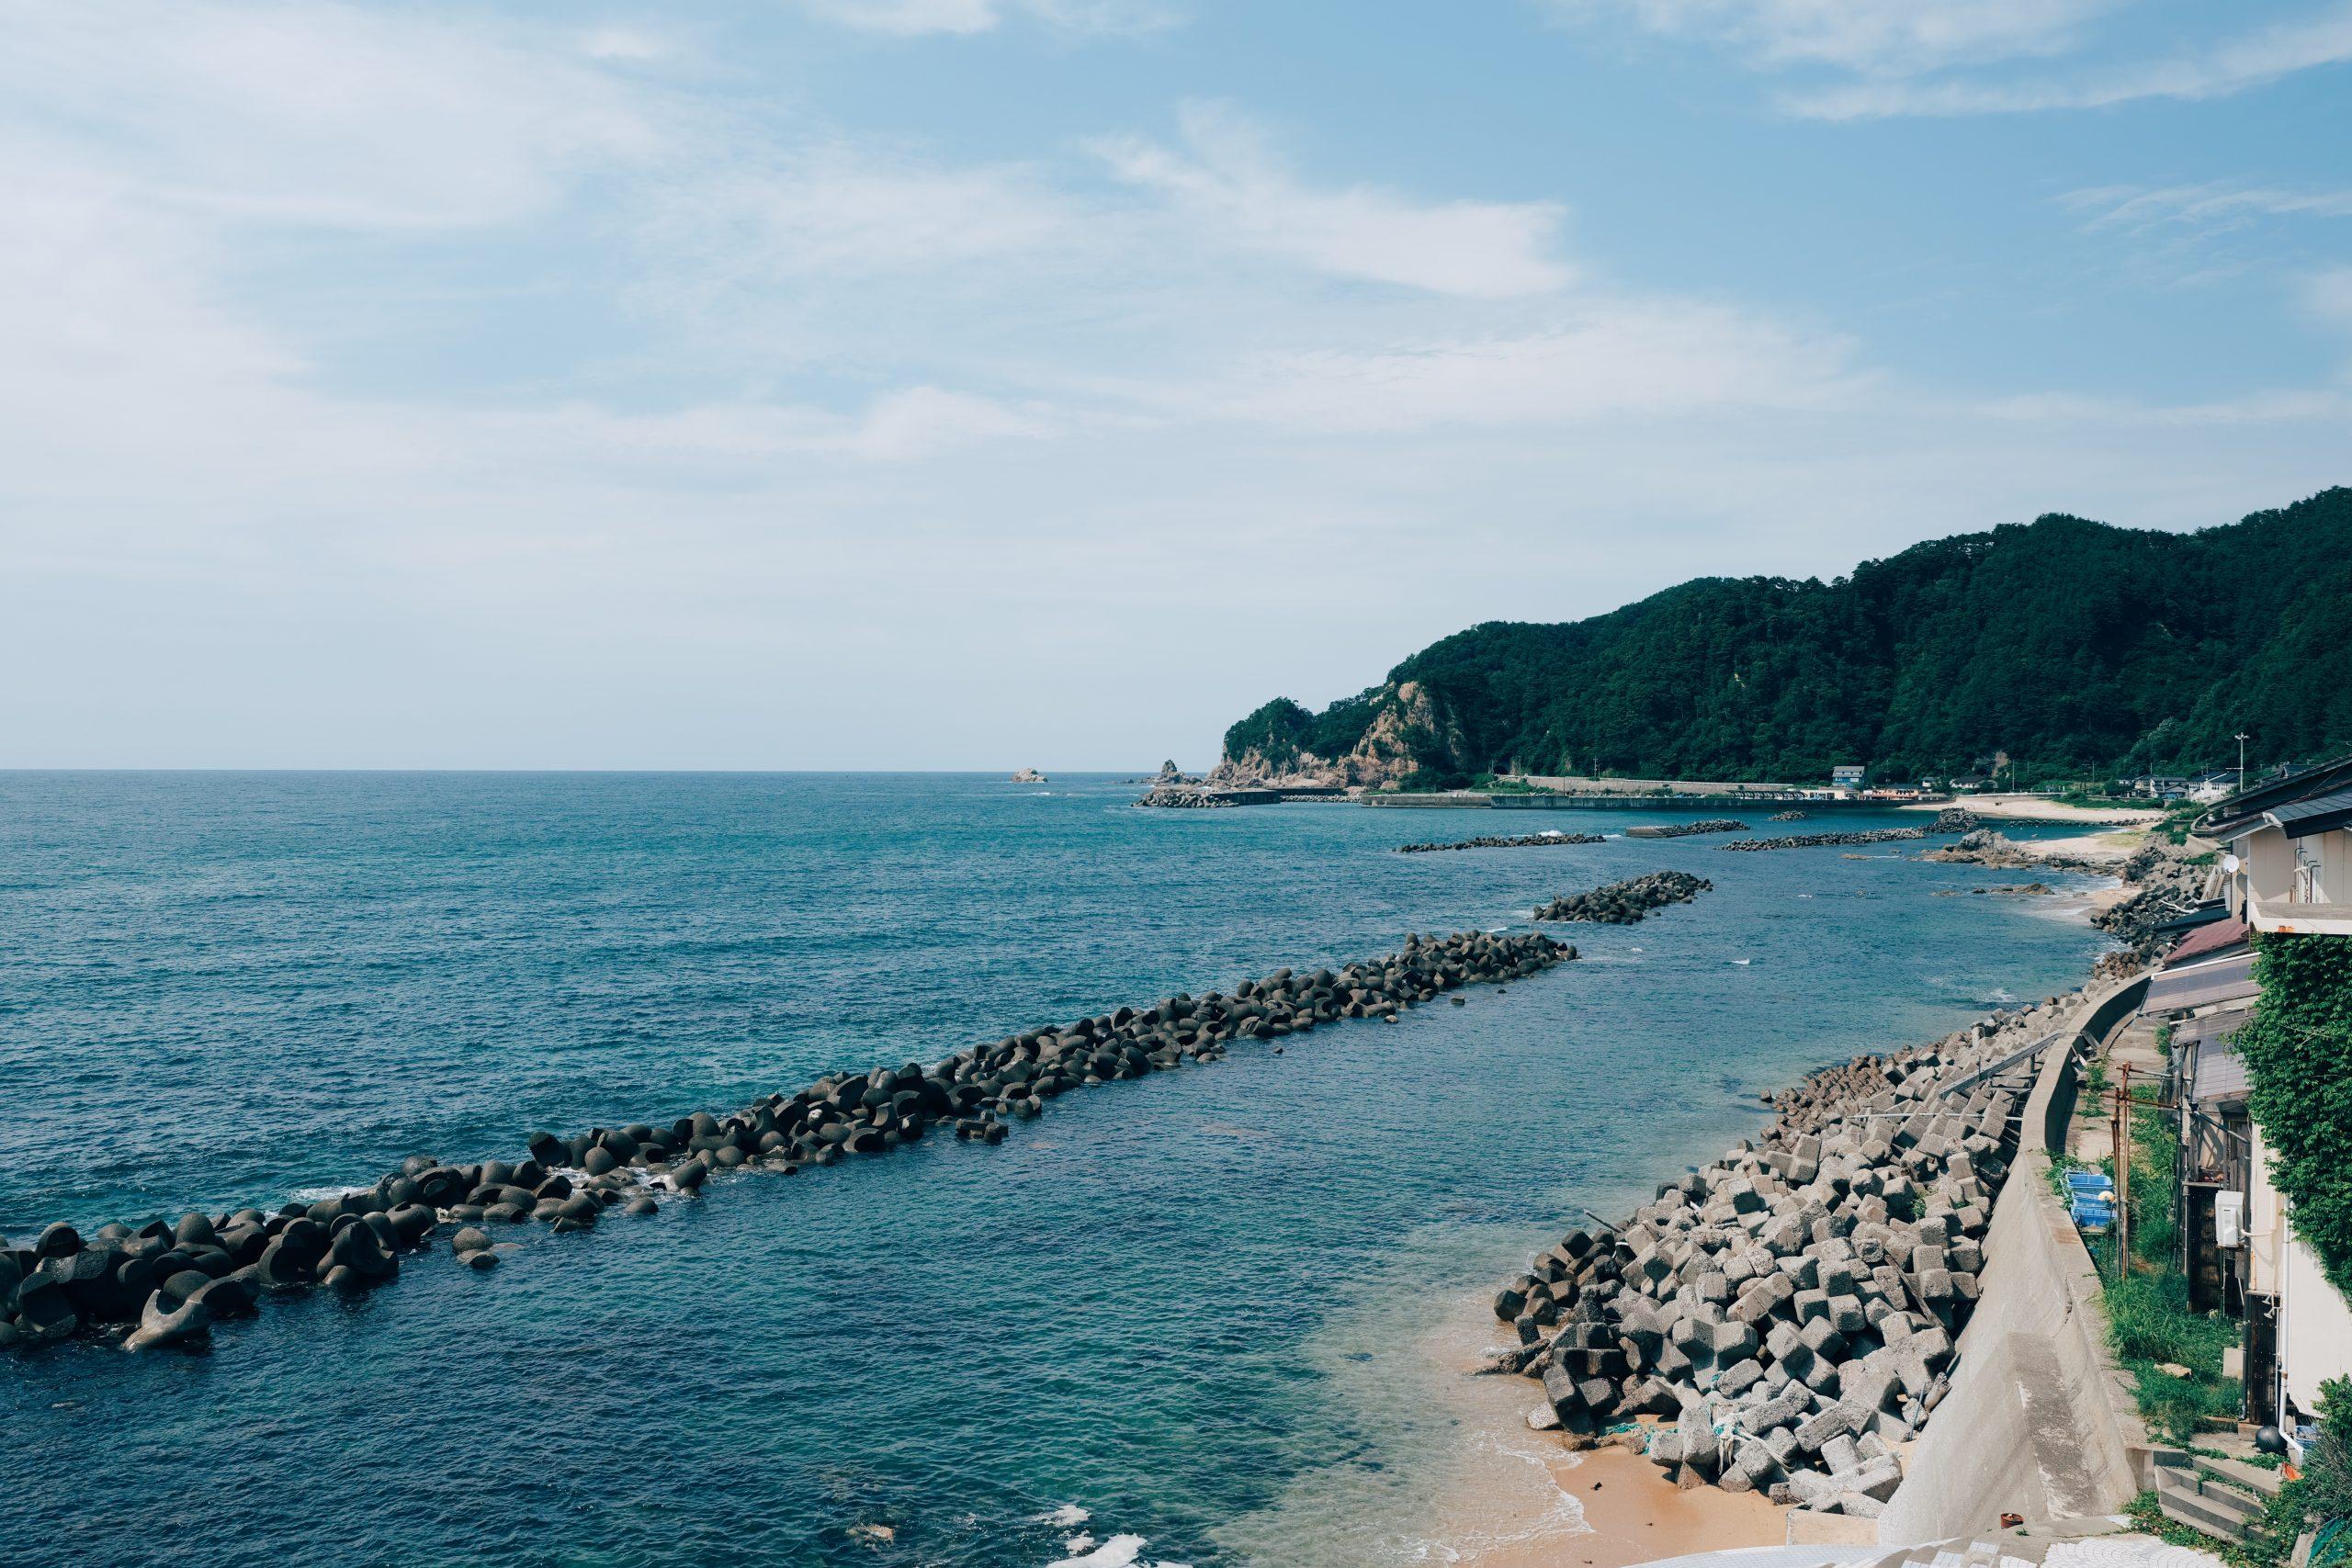 夏は新潟の絶景へ【名勝・笹川流れ】遊覧船で海からの景色を堪能